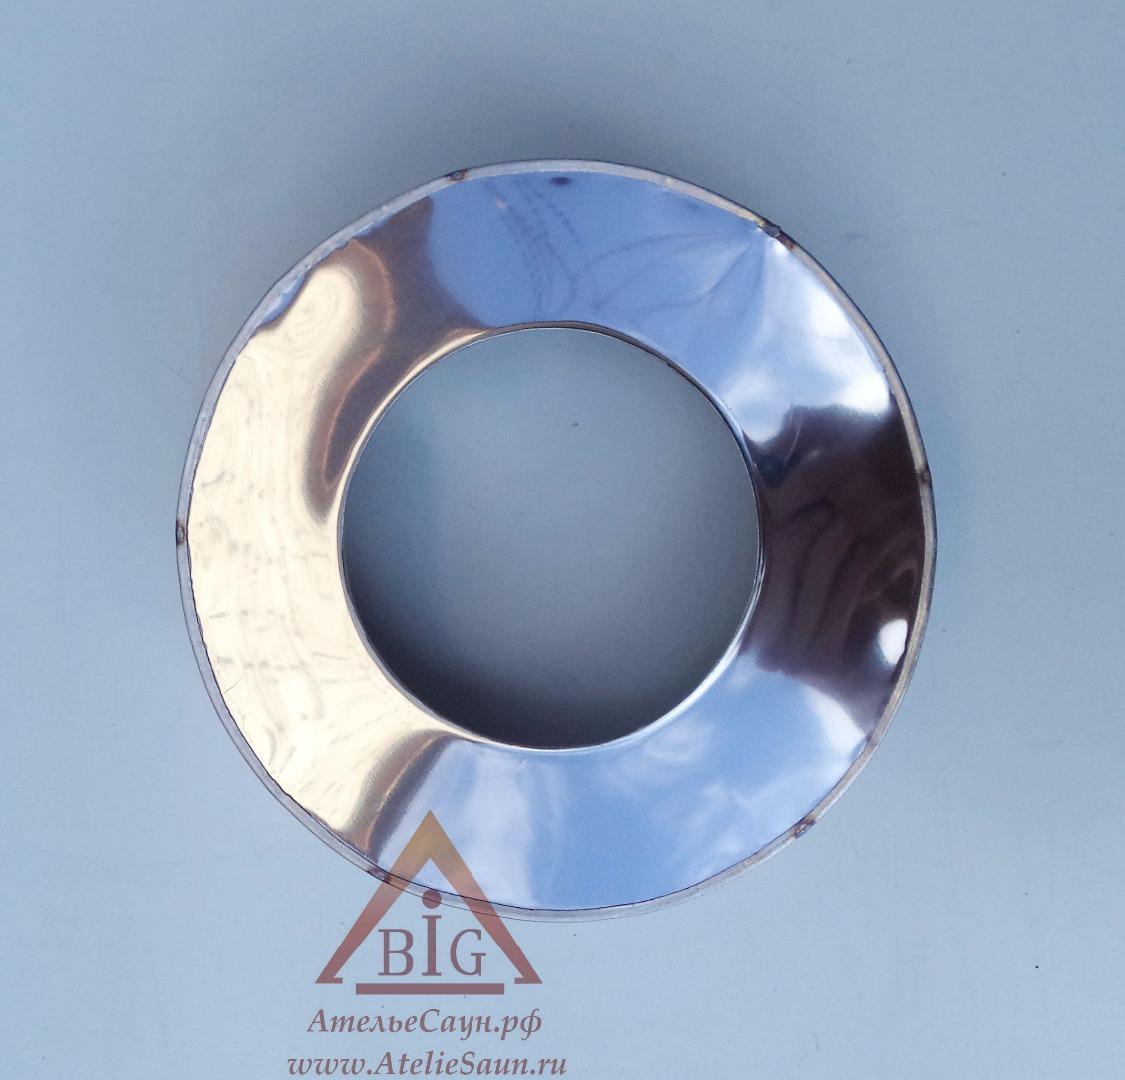 Заглушка низ D120/220 мм (на трубу в изоляции)